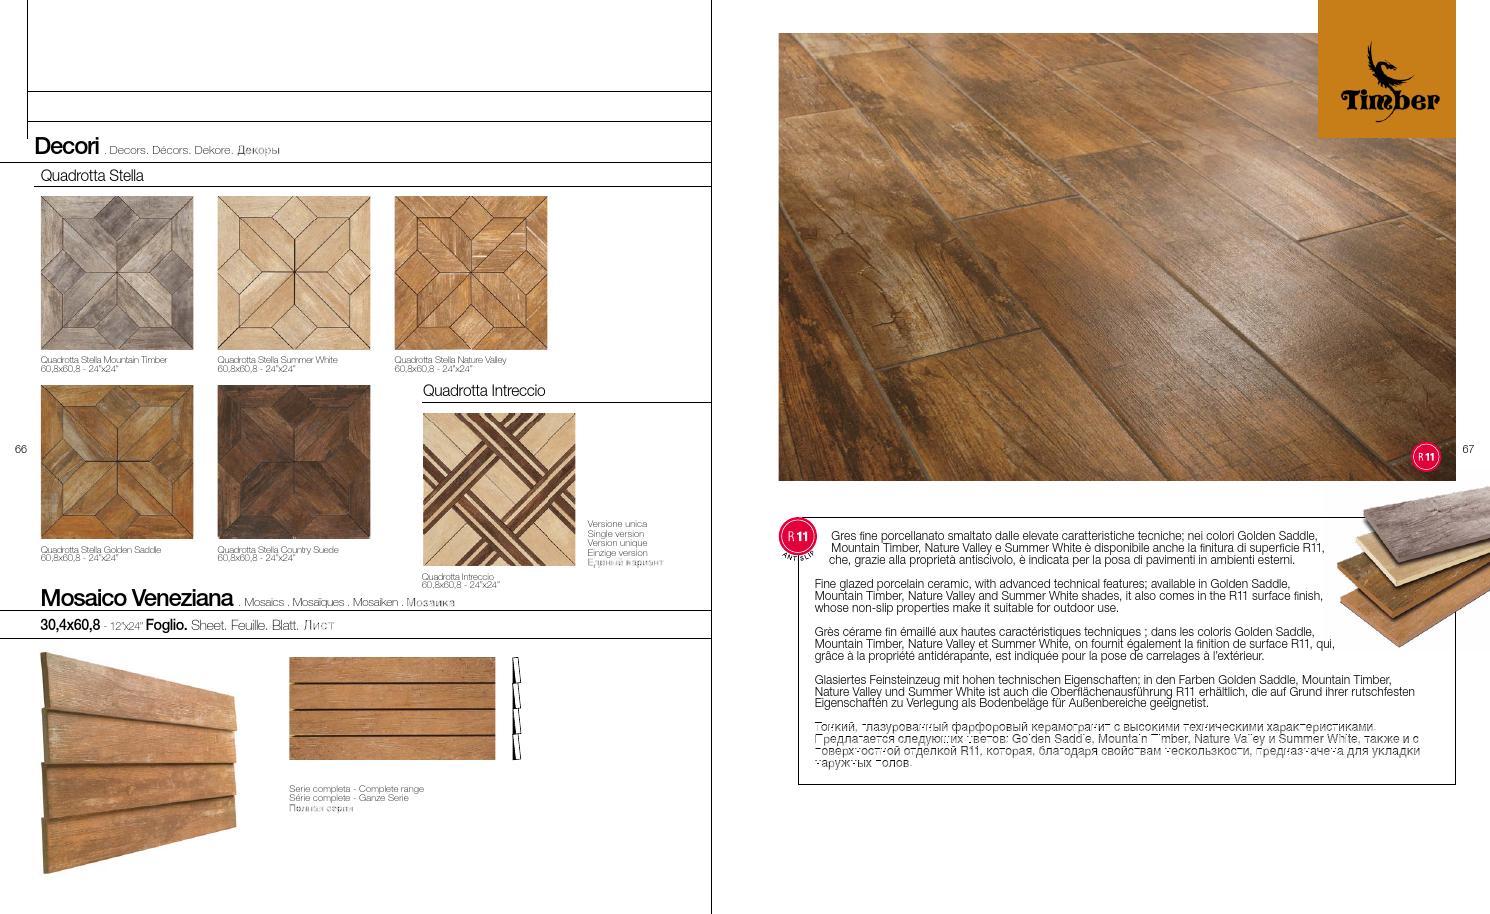 Gres Porcellanato Smaltato Caratteristiche serenissima timber by edil italy - issuu